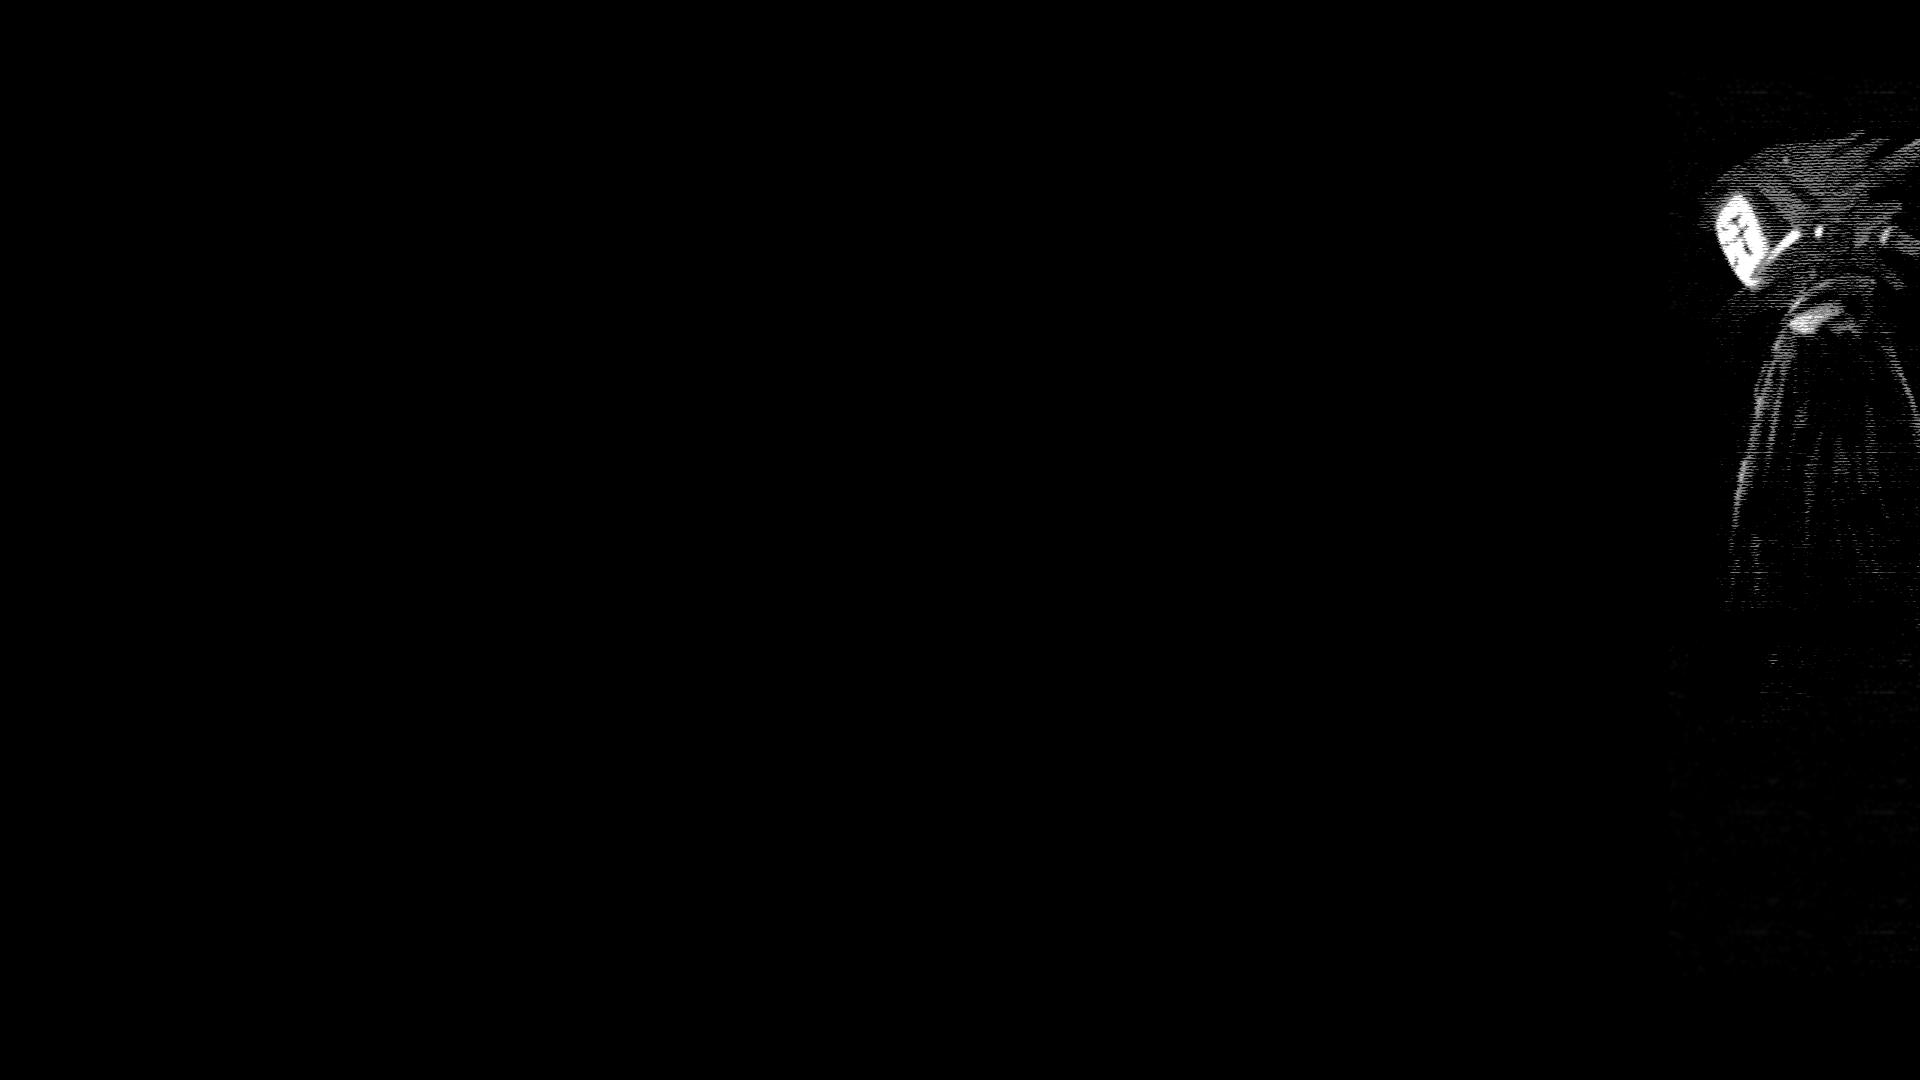 Черный фон картинки без надписей